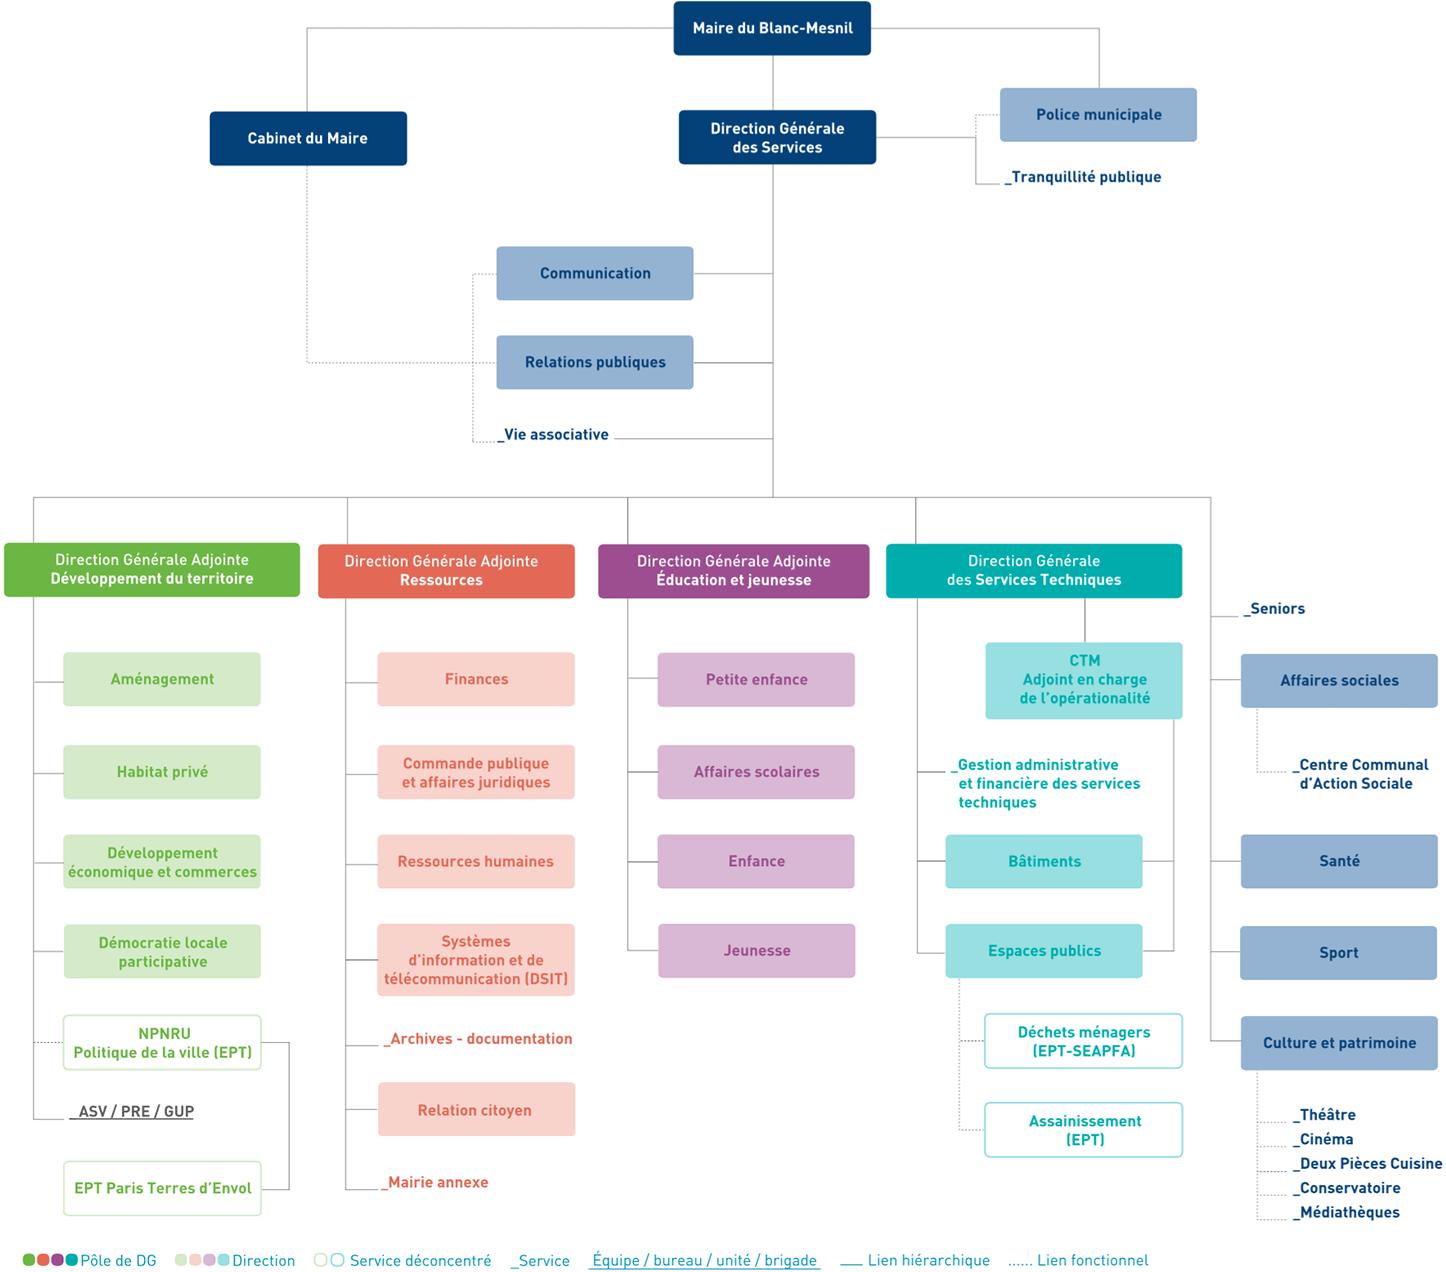 Organigramme des services municipaux (PDF - Décembre 2017)